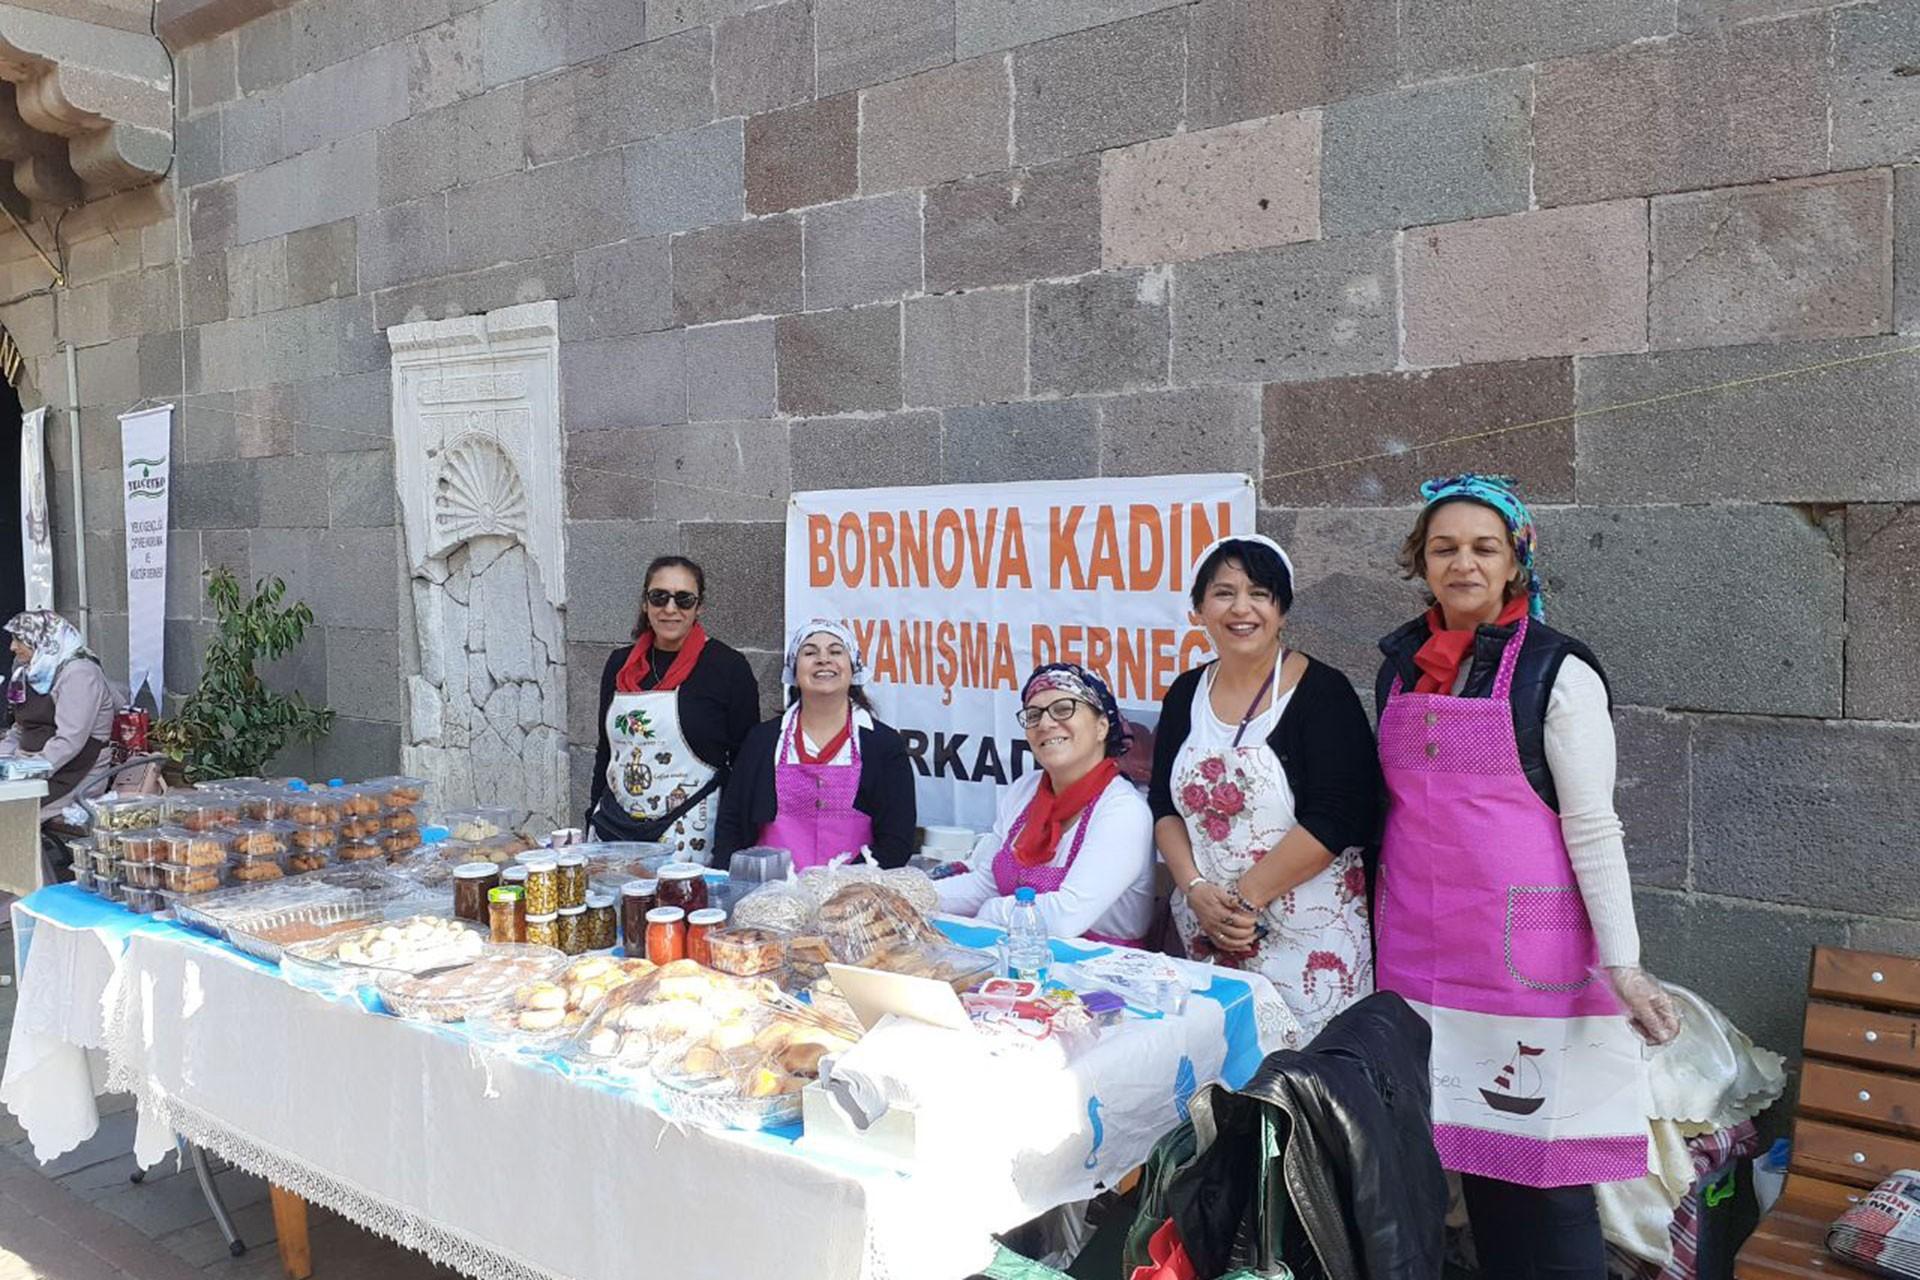 BORKAD ve Yelçevko Derneği üyesi kadınlar